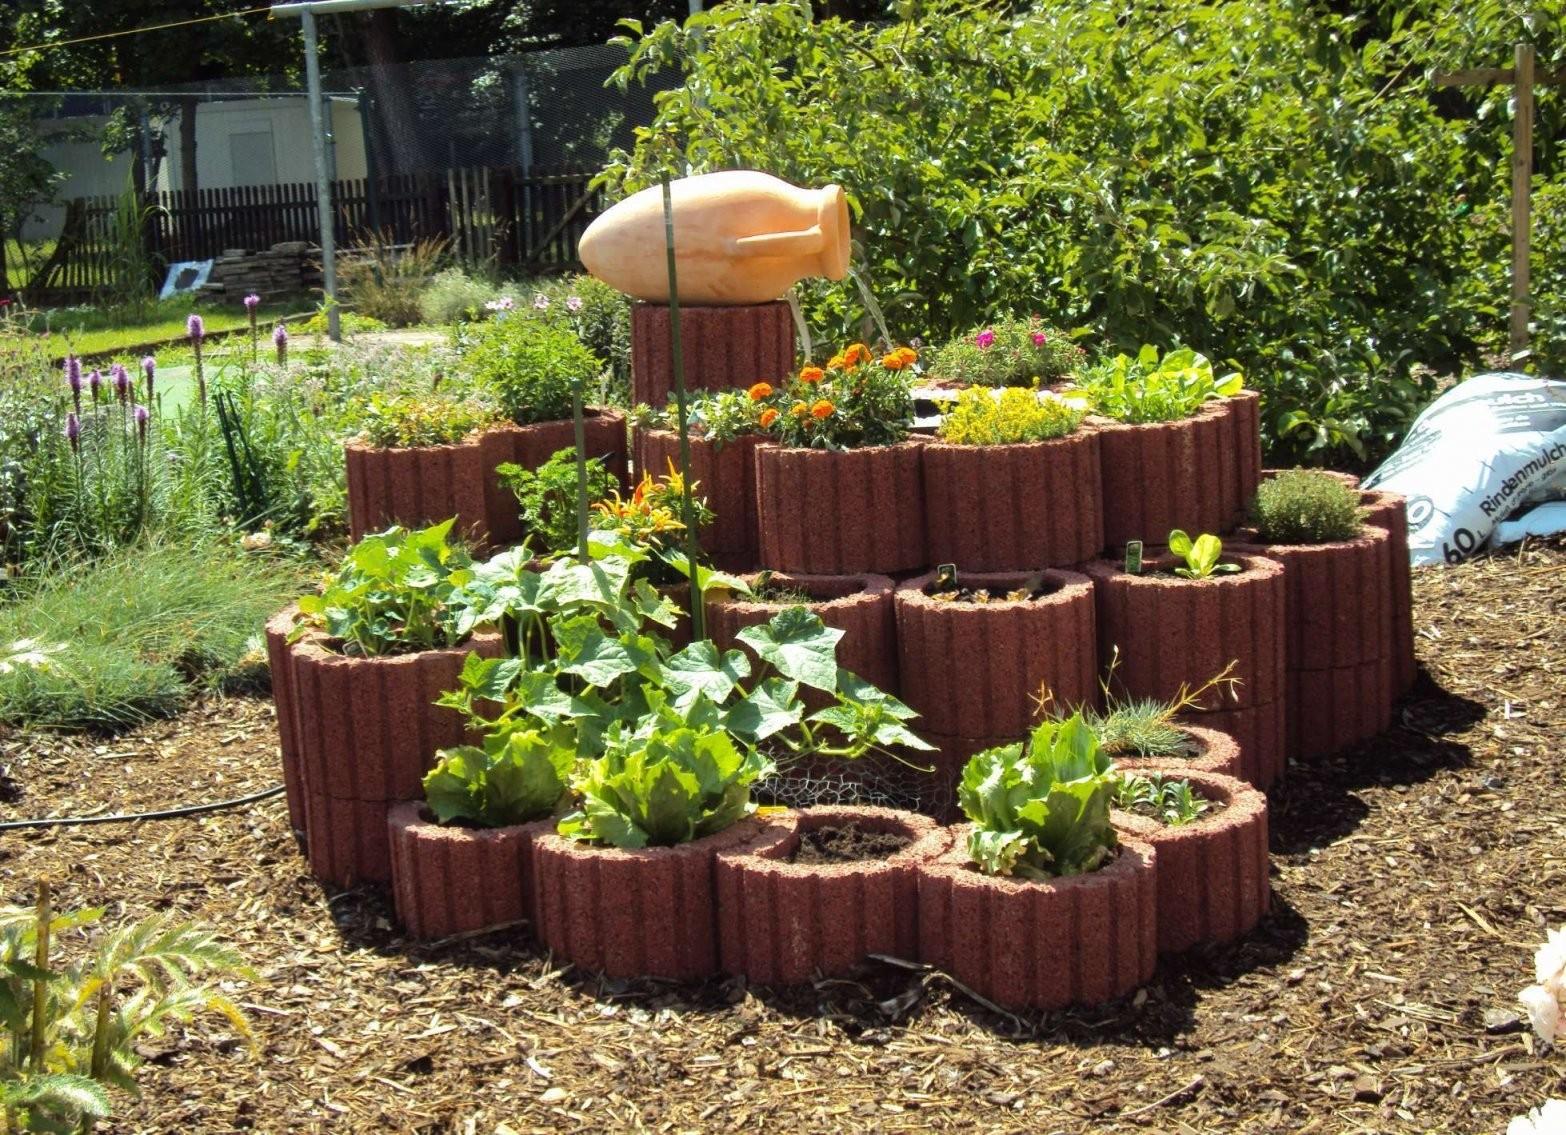 Brunnen Für Den Garten Selber Bauen Inspiration Von Springbrunnen von Brunnen Garten Selber Bauen Bild